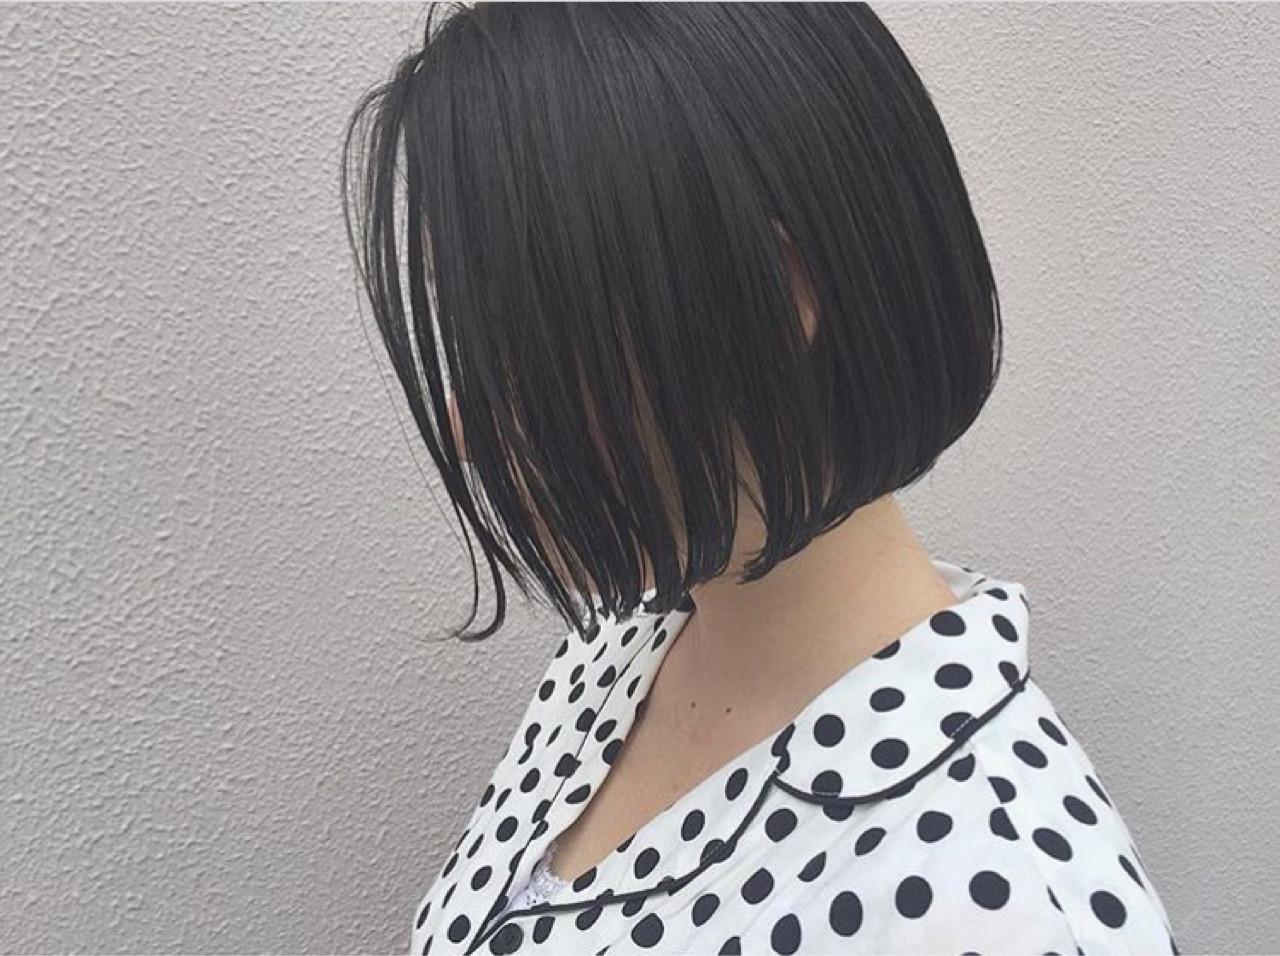 ボブ 黒髪 ナチュラル 切りっぱなし ヘアスタイルや髪型の写真・画像